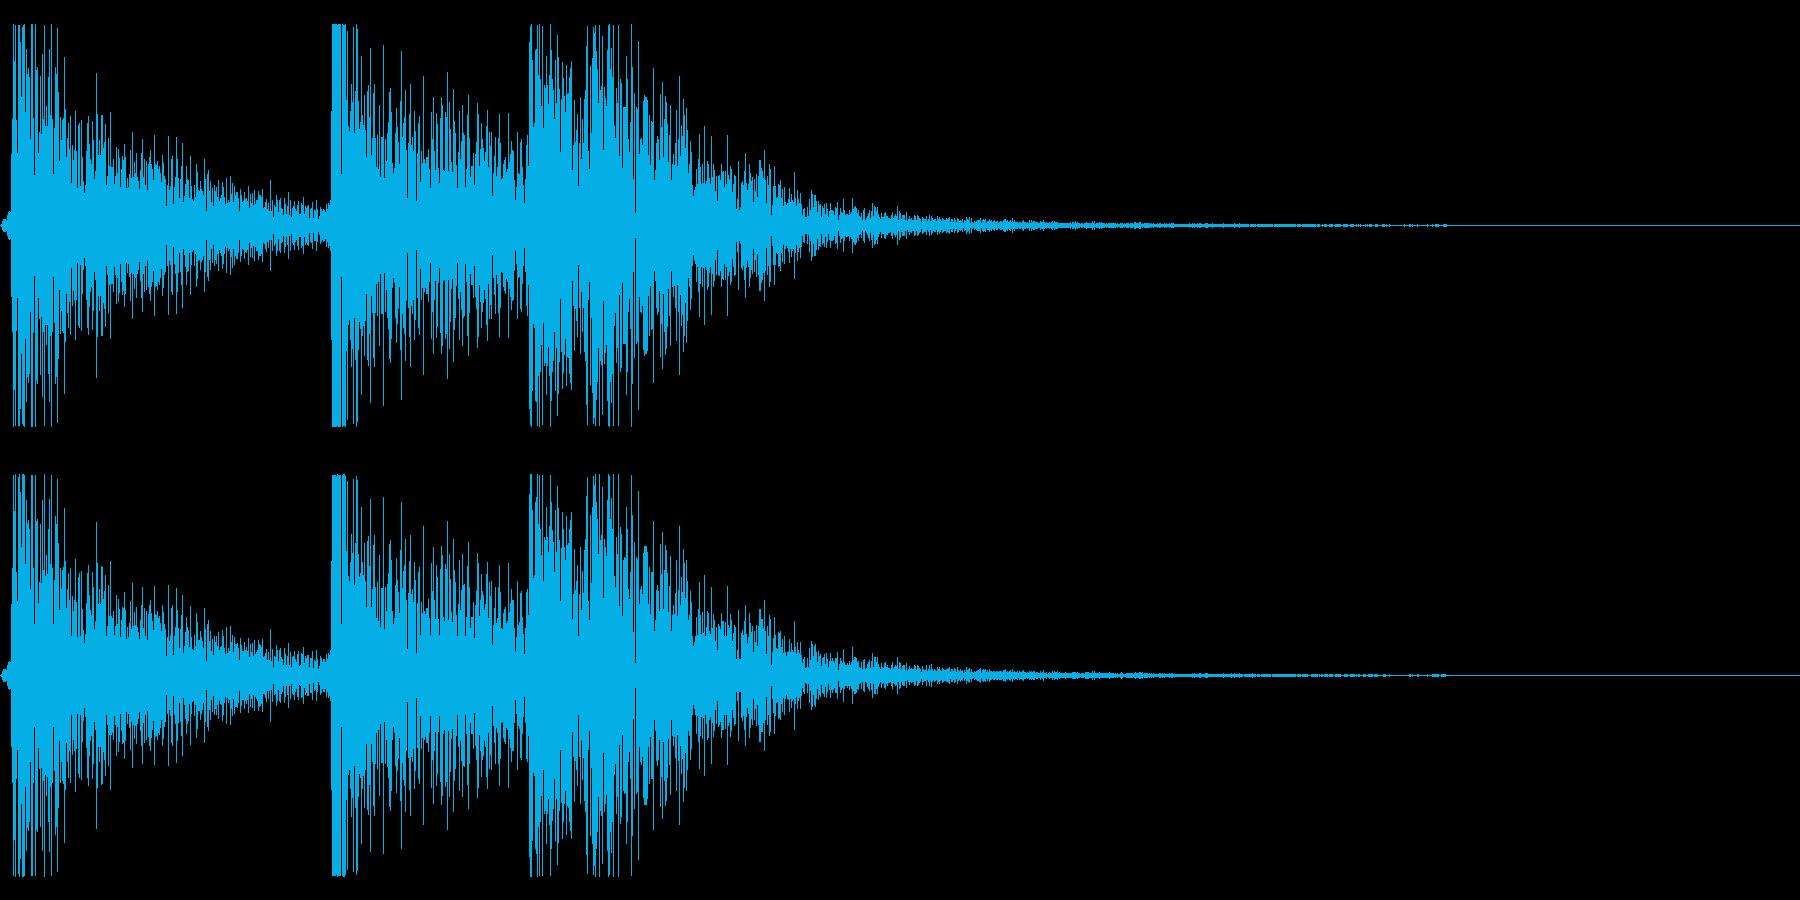 【生録音】ドームカバーを閉める音の再生済みの波形